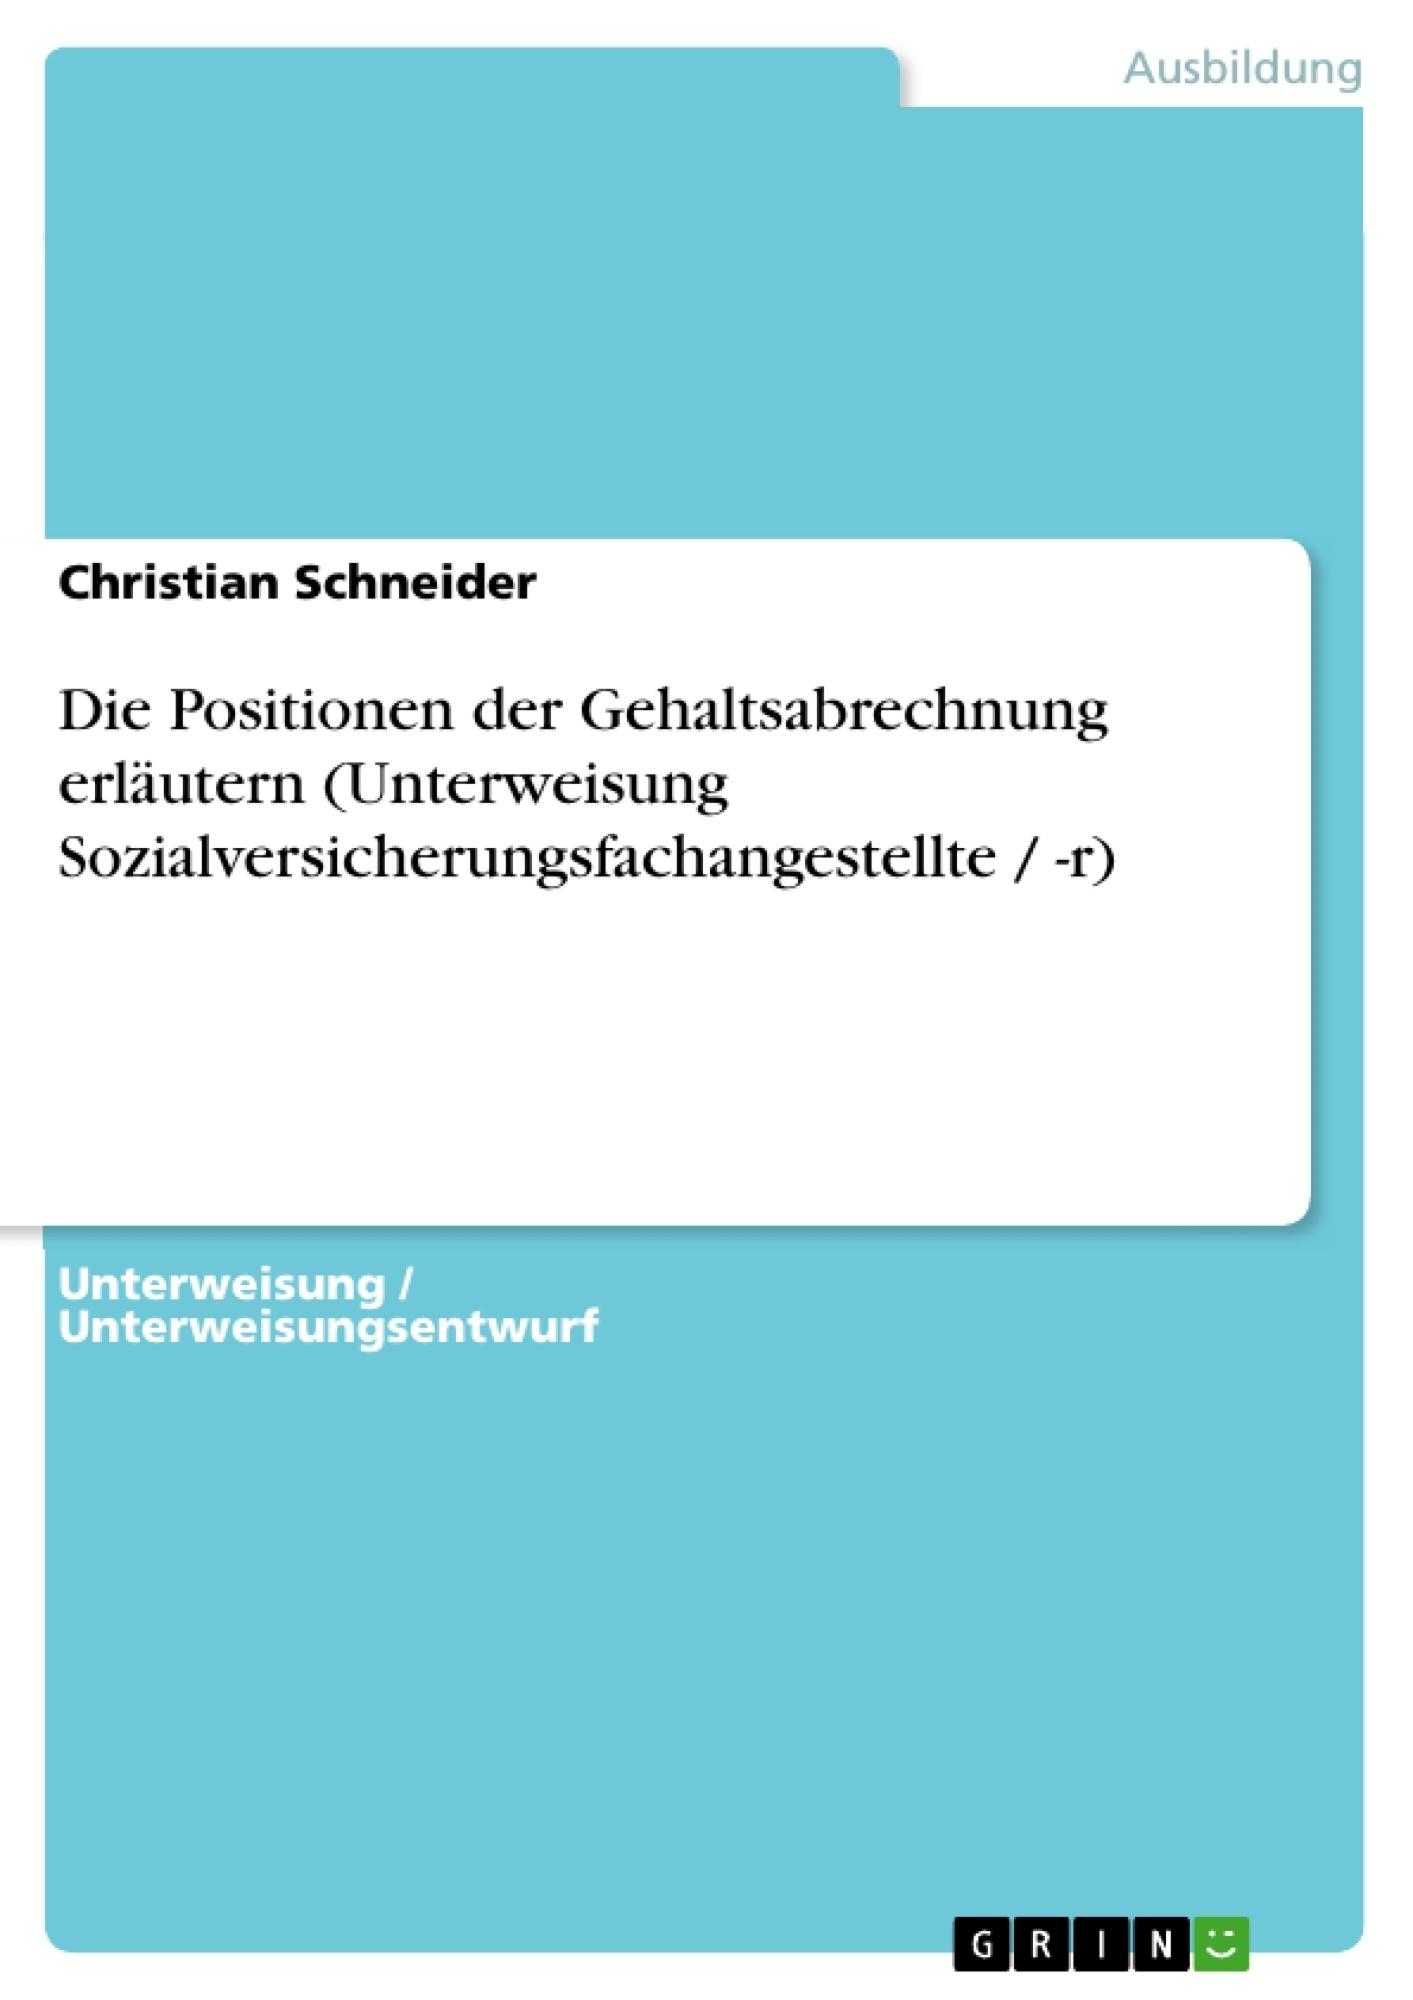 Titel: Die Positionen der Gehaltsabrechnung erläutern (Unterweisung Sozialversicherungsfachangestellte / -r)